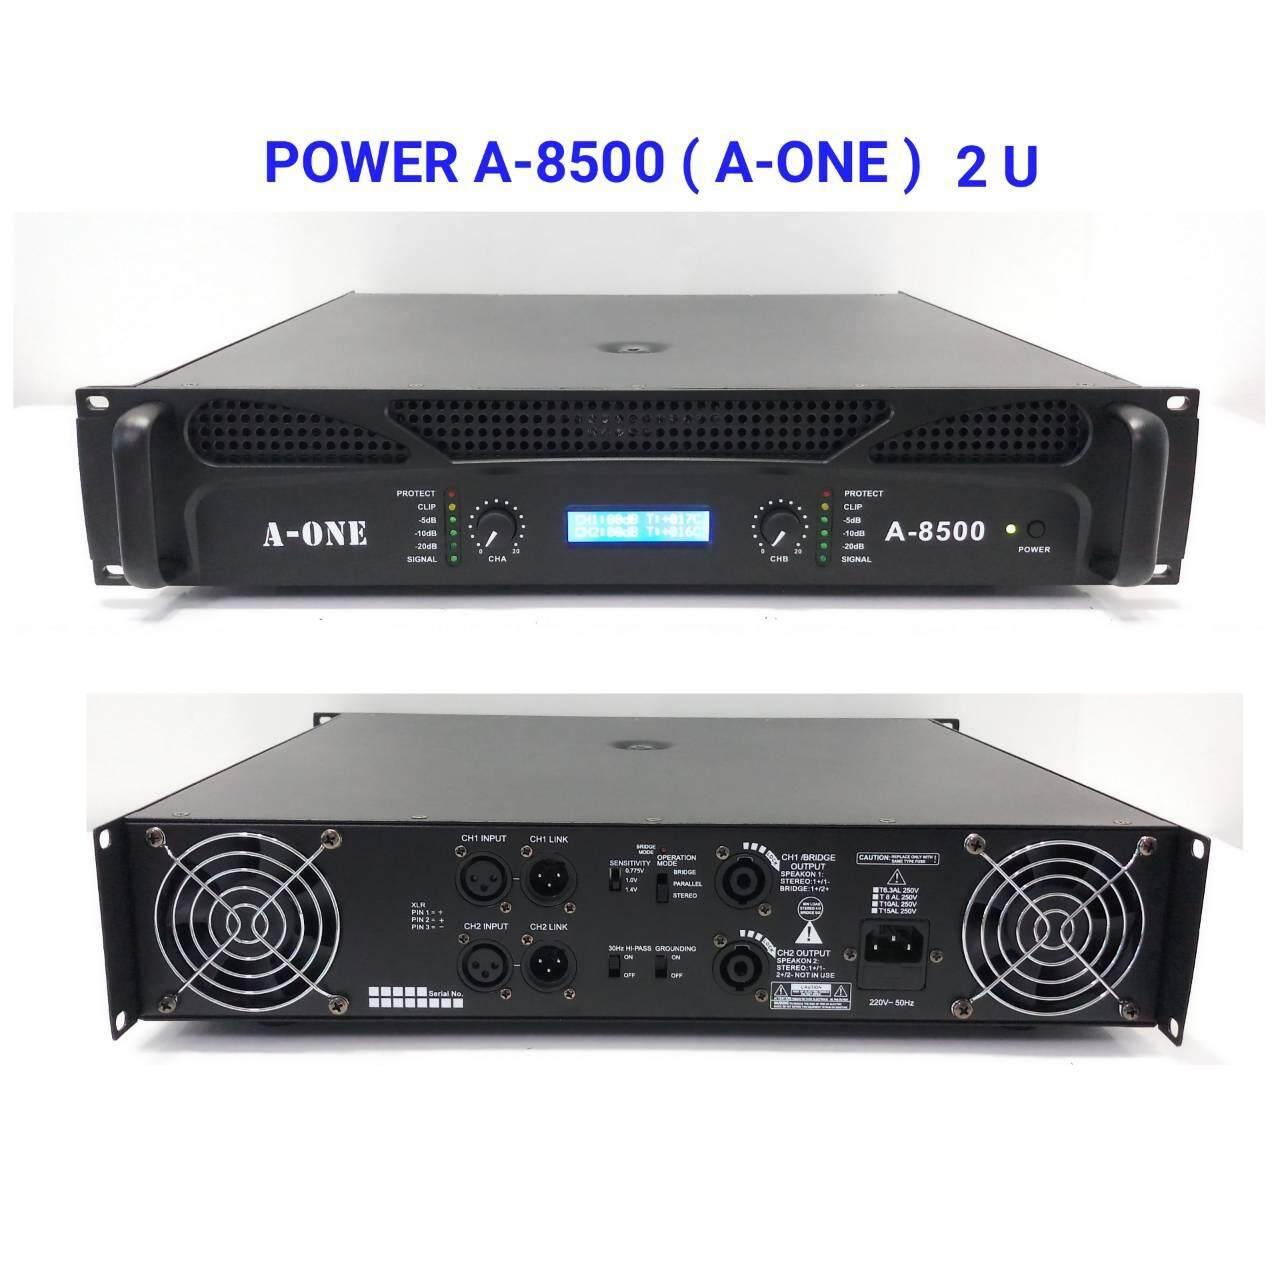 เพาเวอร์แอมป์ 1800+1800วัตต์(@2ohm) เครื่องเสียงกลางแจ้ง เครื่องขยายเสียง รุ่นa-One A-8500.